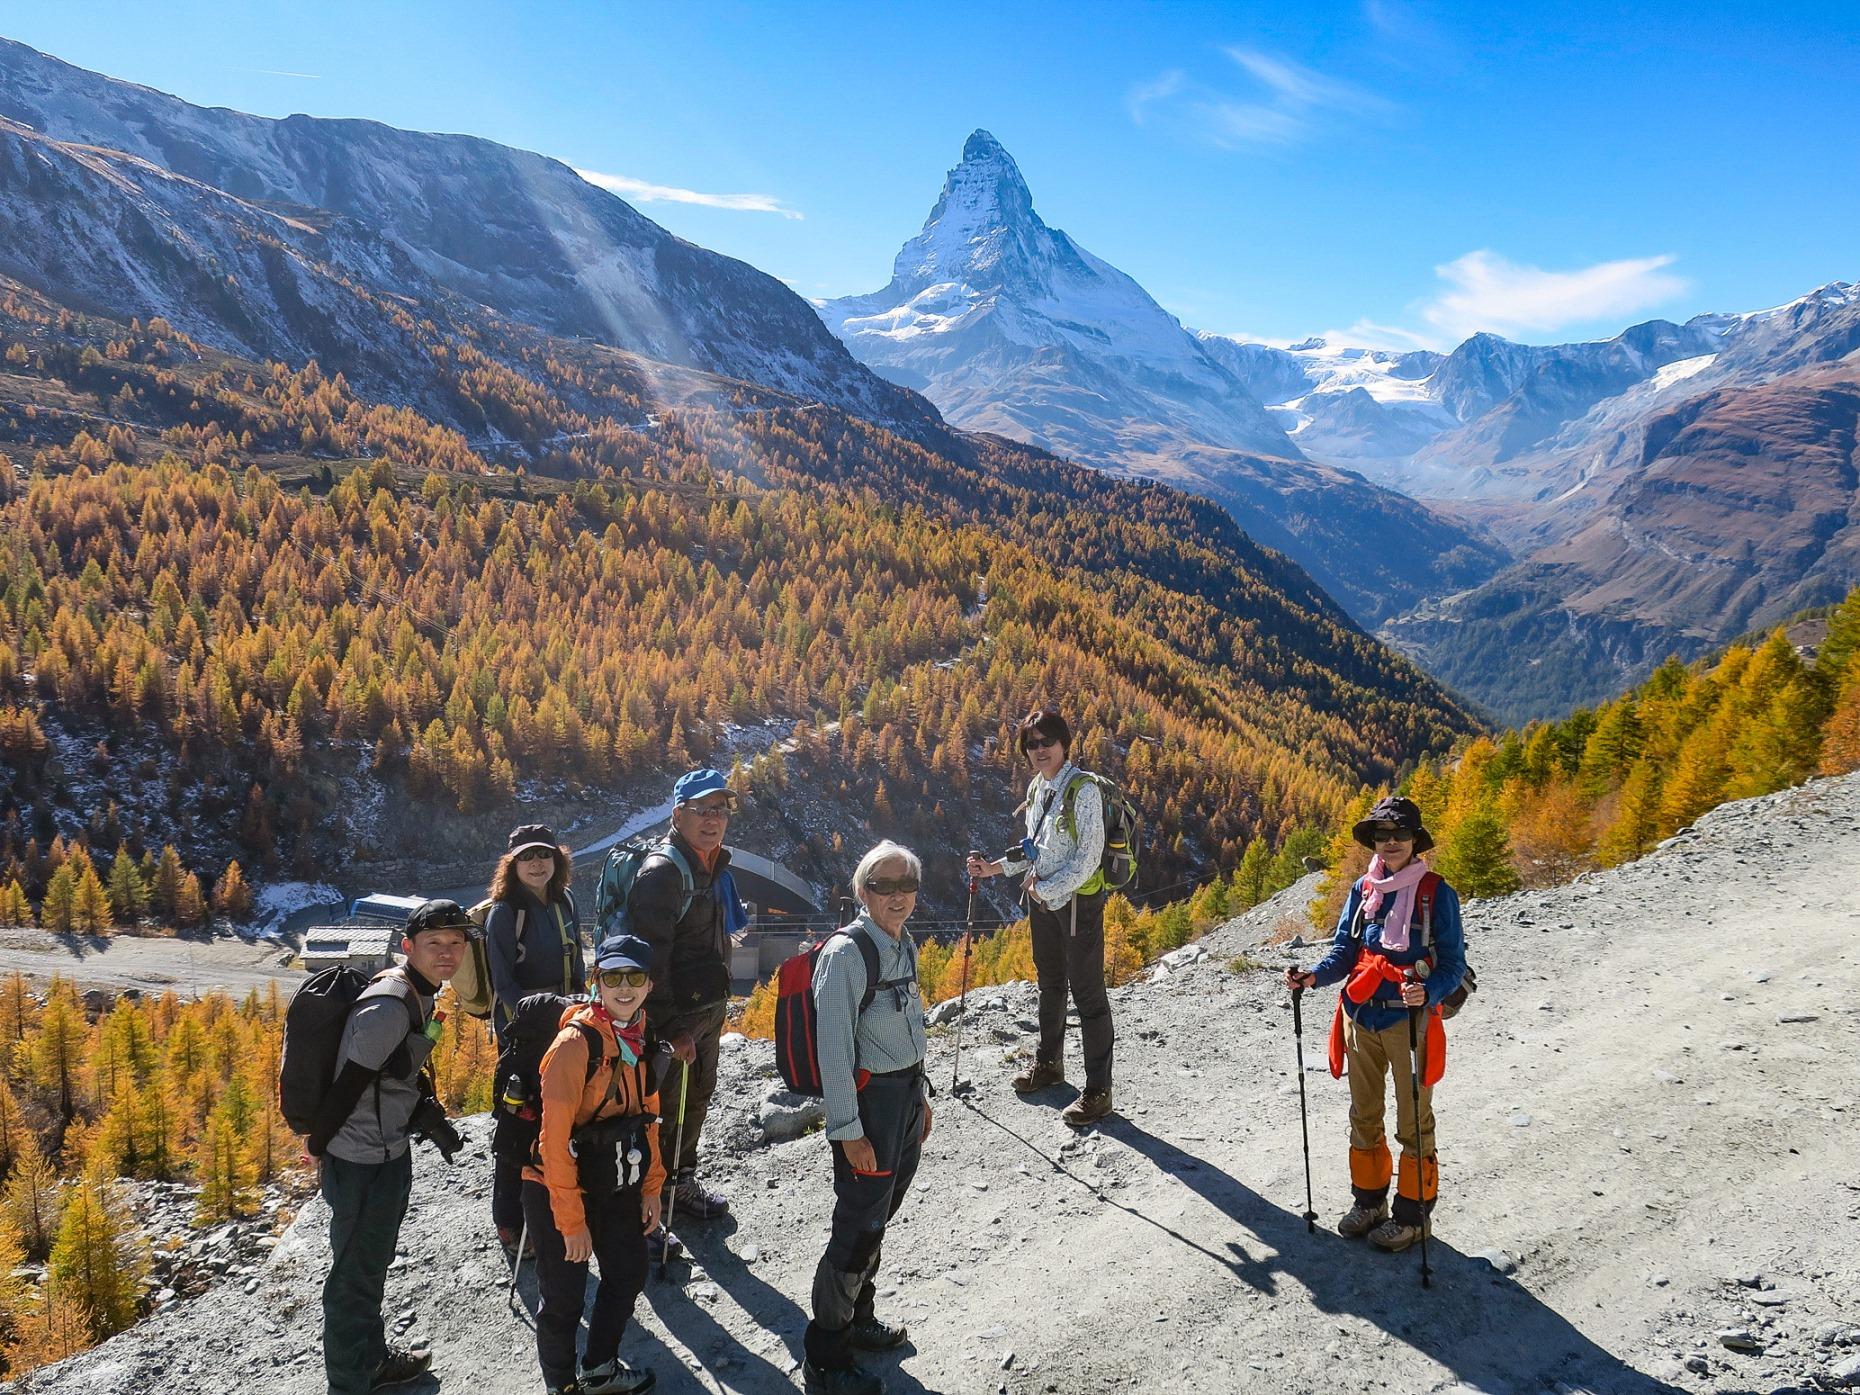 憧れのスイス・マッターホルン展望ハイキング 7日間